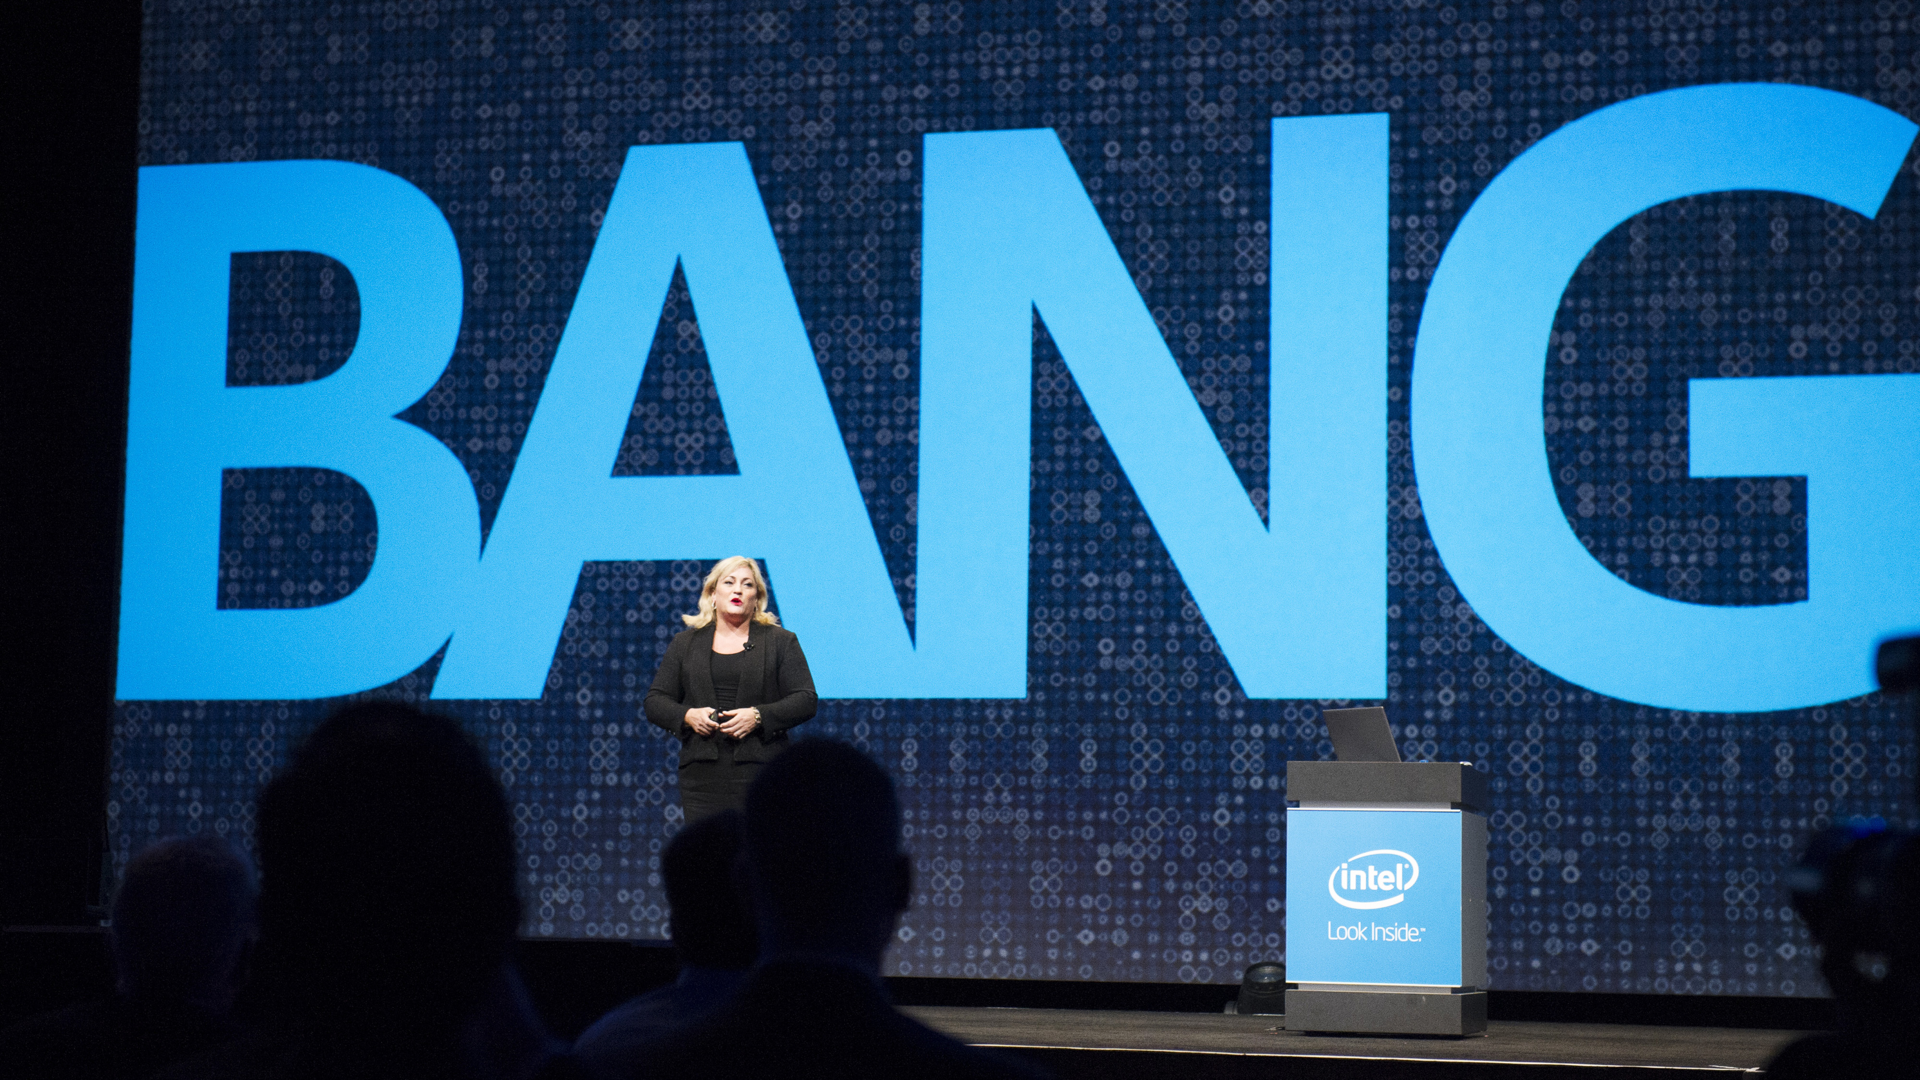 Intel Bang 16x9